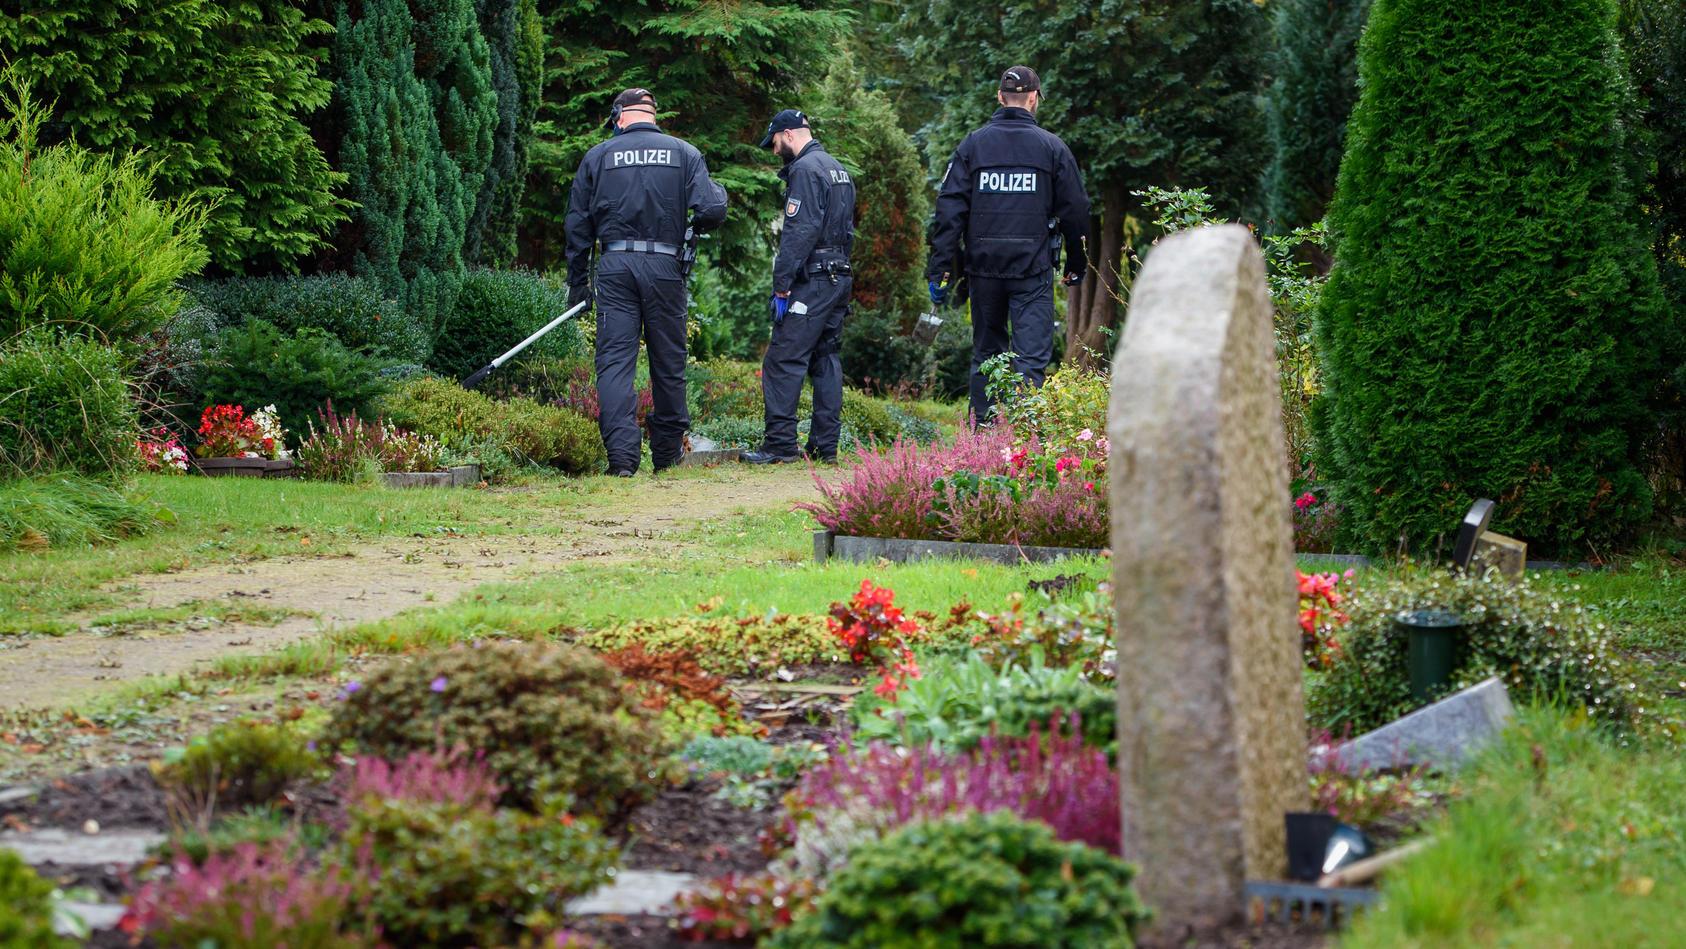 Timo M. aus Rendsburg soll zwei Frauen umgebracht haben. Polizisten haben im Oktober 2020 den Rendsburger Friedhof nach möglichen Beweismitteln abgesucht.